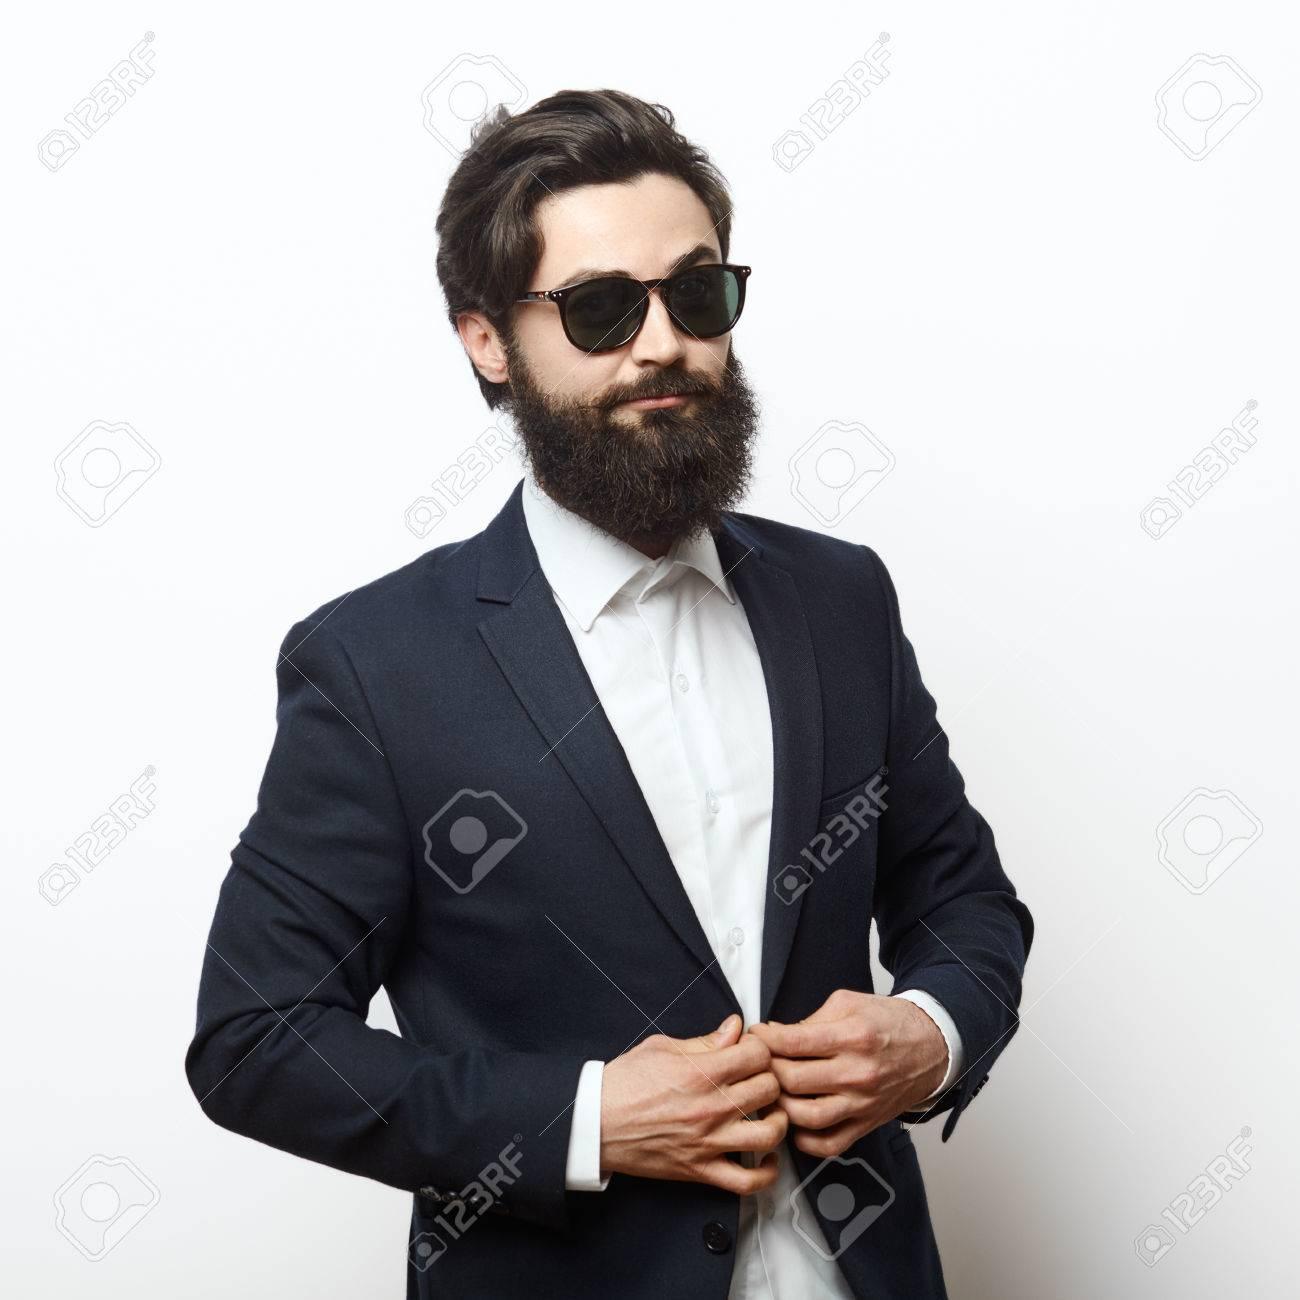 570657e02dd763 Standard-Bild - Stilvolle bärtigen gut aussehender Mann mit Sonnenbrille  und Befestigung intelligenten Anzug isoliert auf weißem Hintergrund